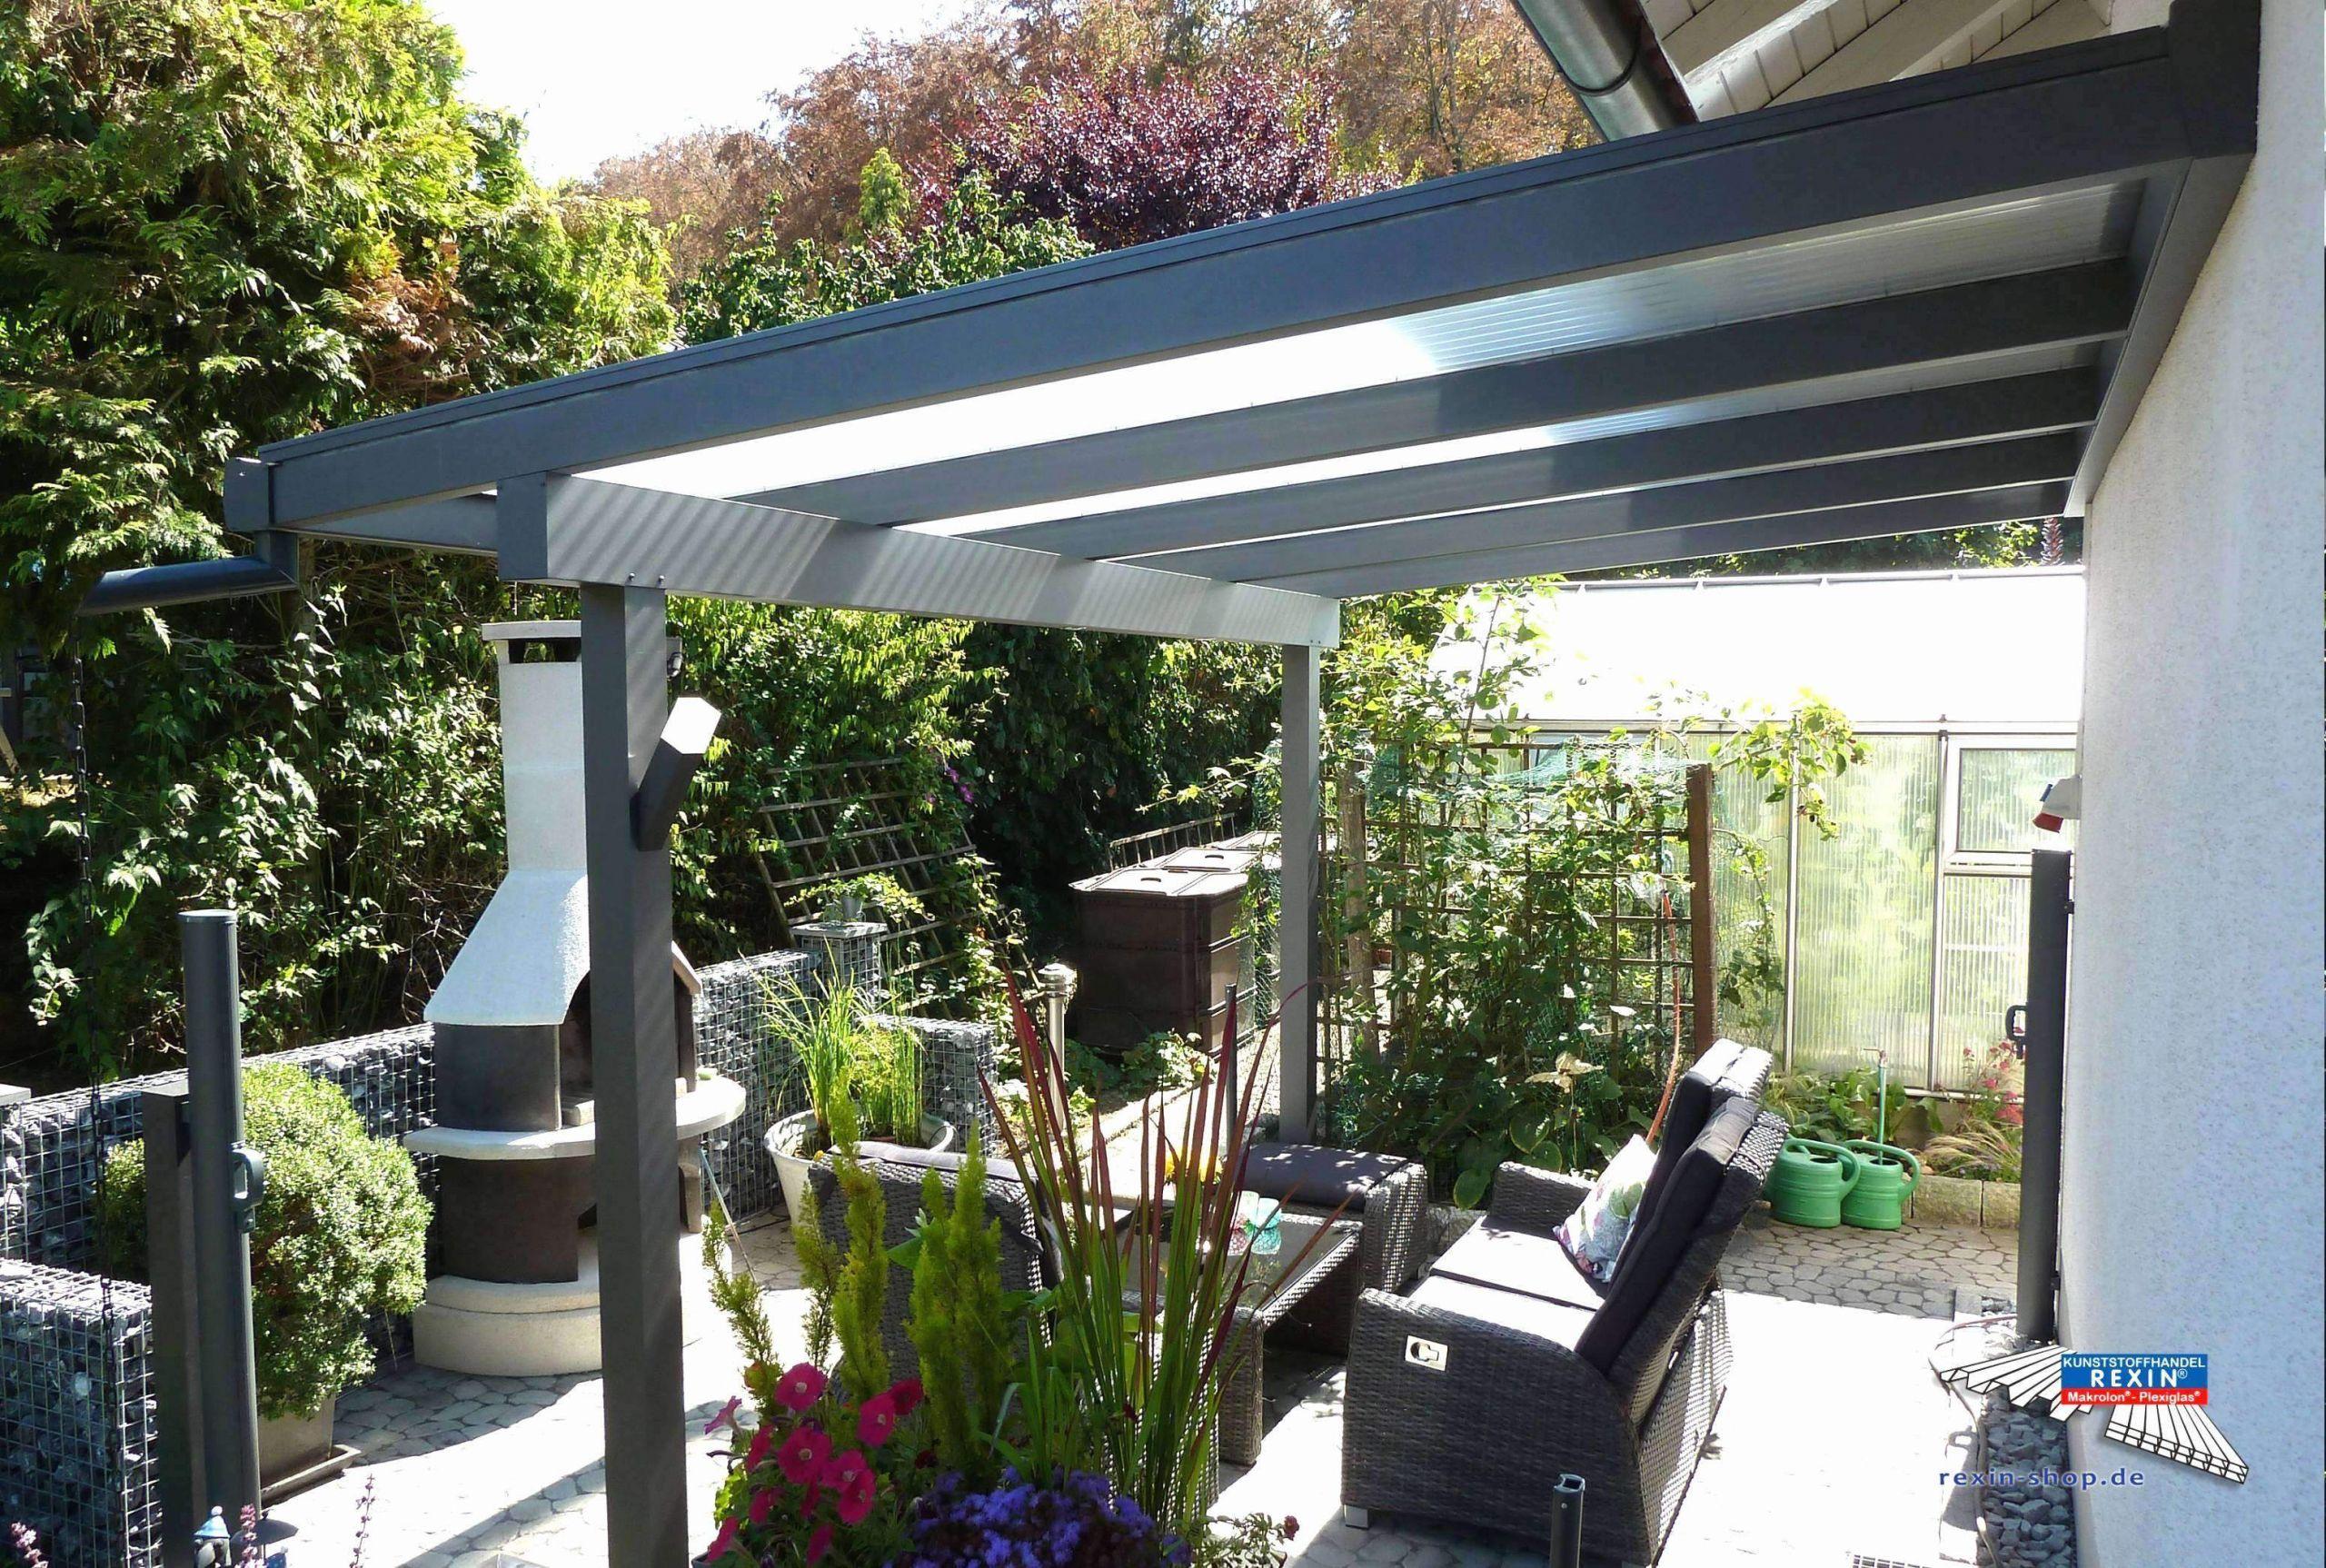 40 Reizend Pinterest Garten Neu Garten Anlegen